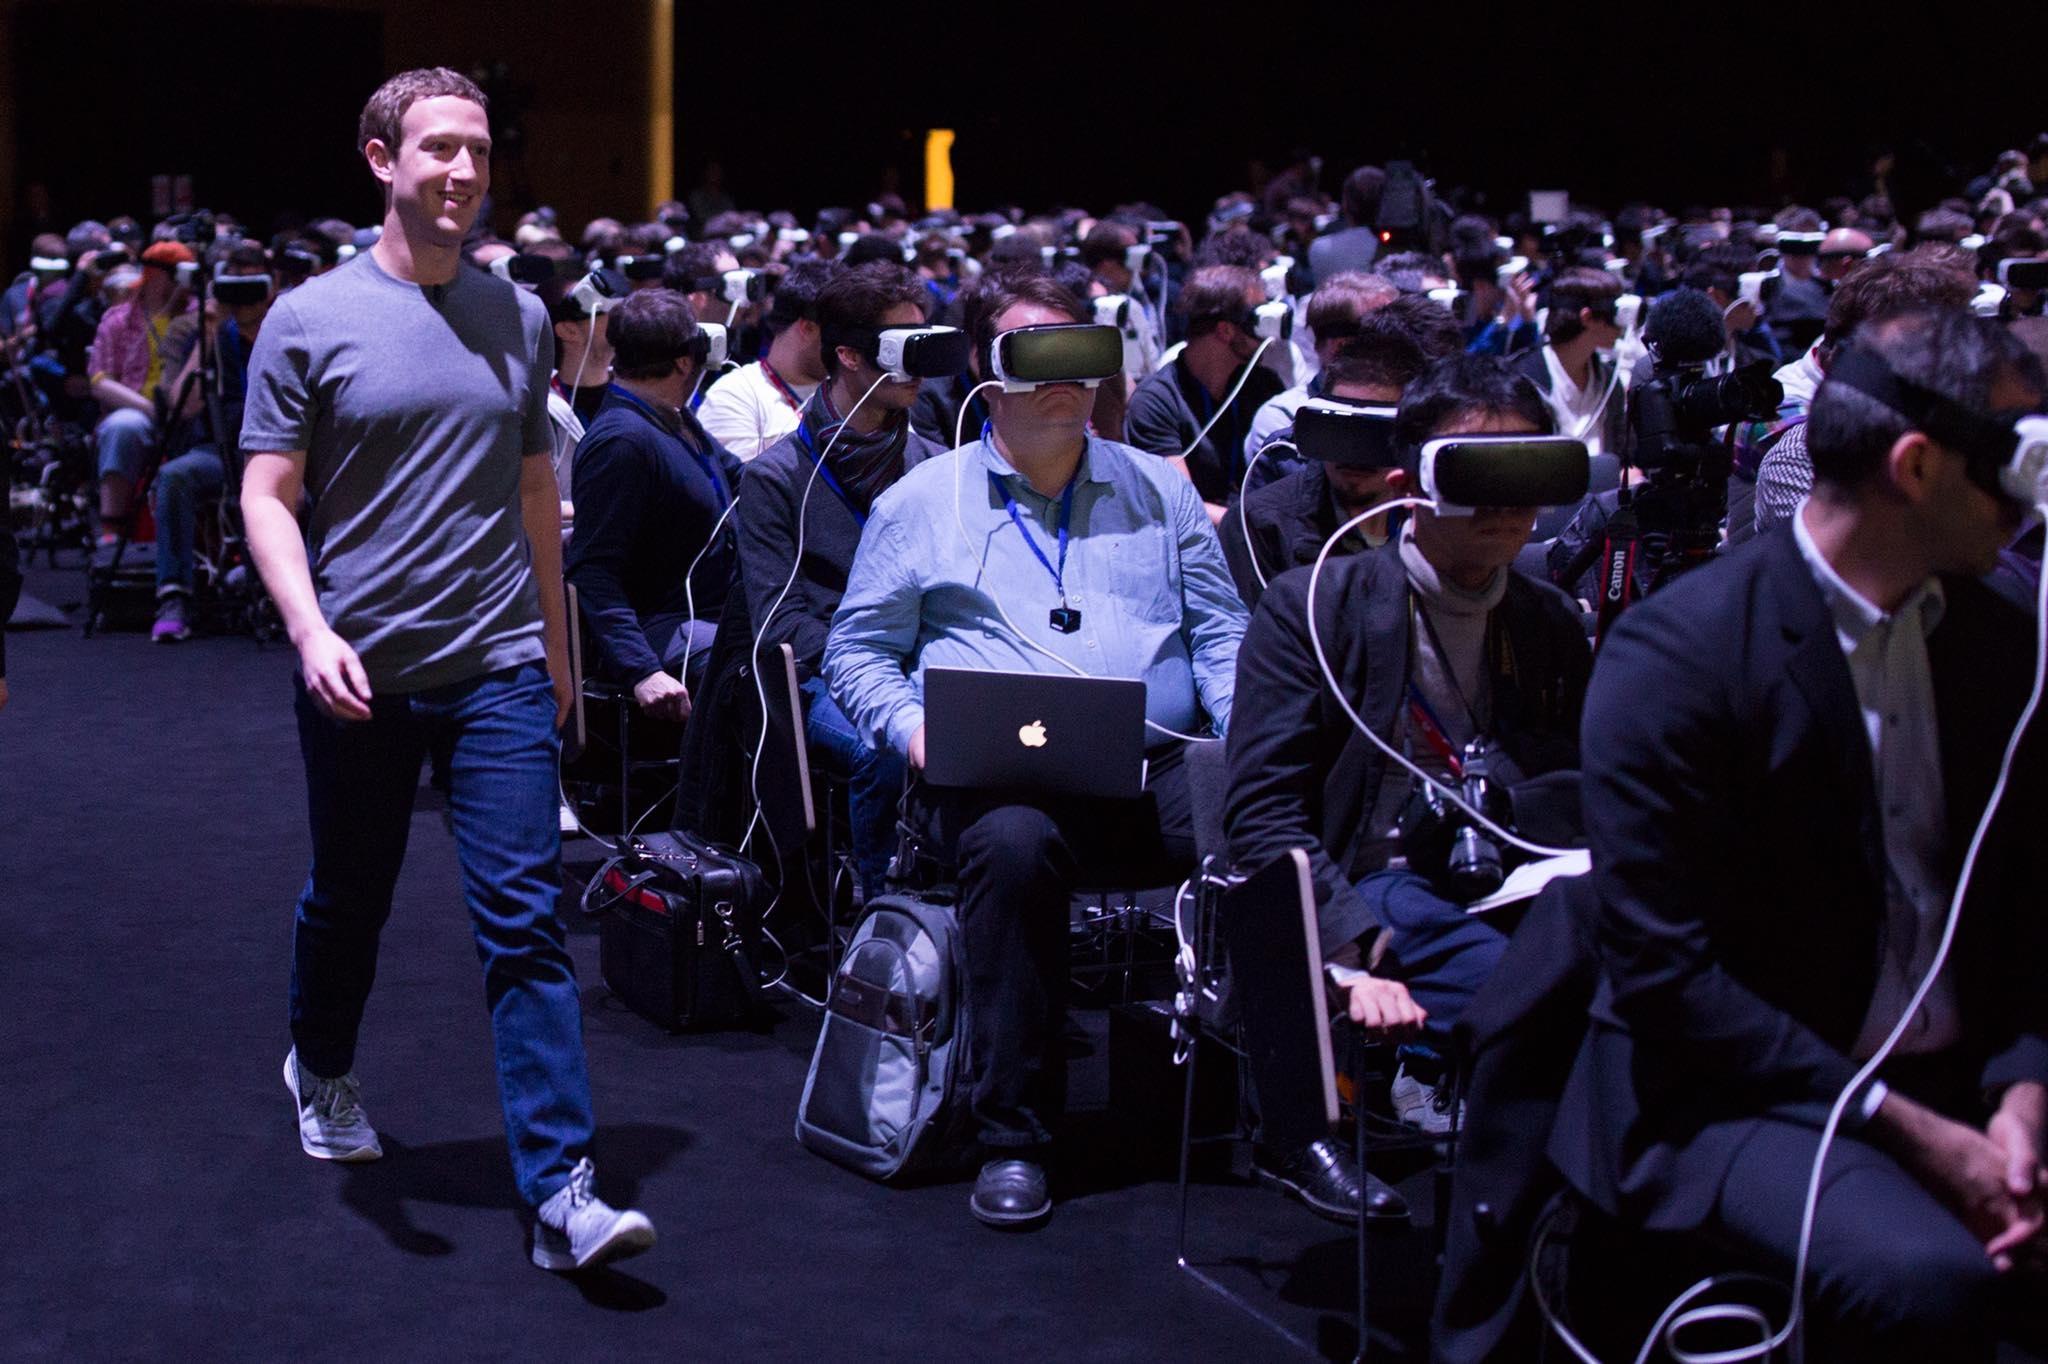 Nie, nebojte sa, toto nie je ukážka dnešného sveta. Rok 2016 je síce rokom virtuálnej reality, ale takýto pohľad sa vám naskytne iba počas technologických konferencií. A bude to súčasť programu